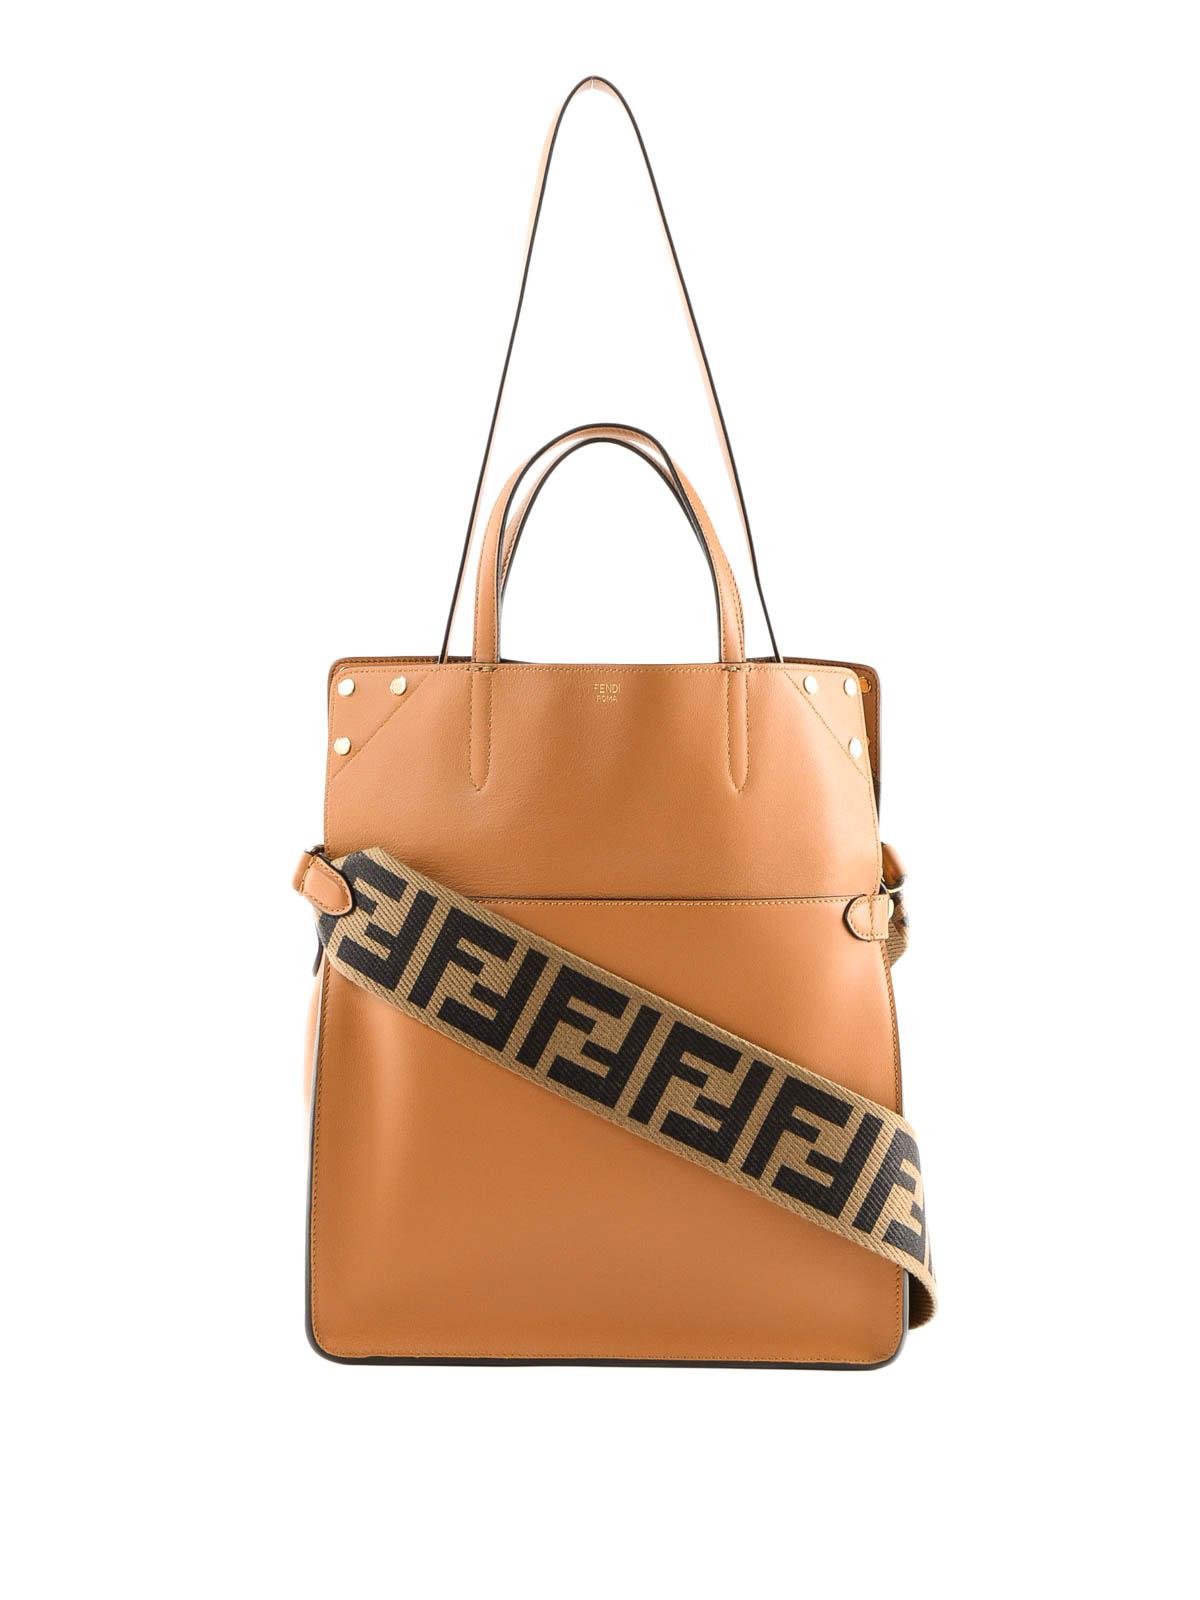 6d52e3894ec5 Fendi - Flip regular leather bag - shoulder bags - 8BT303A6CG 5WD